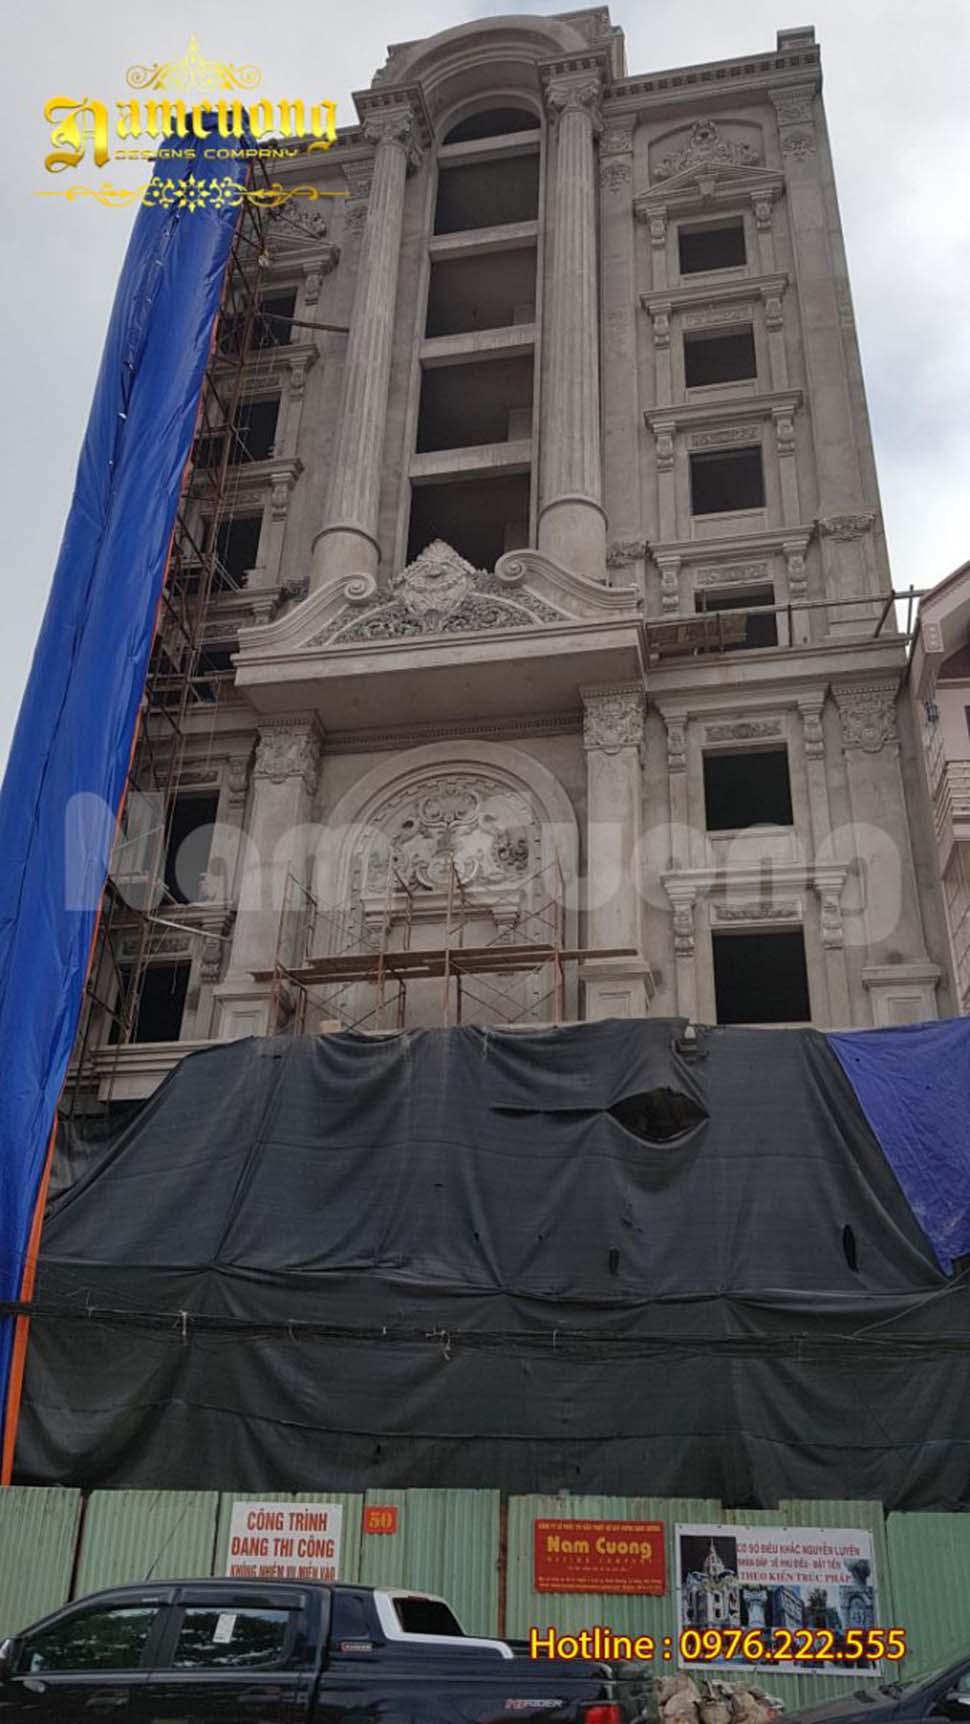 Hình ảnh thực tế thi công công trình khách sạn tân cổ điển tại Lạng Sơn